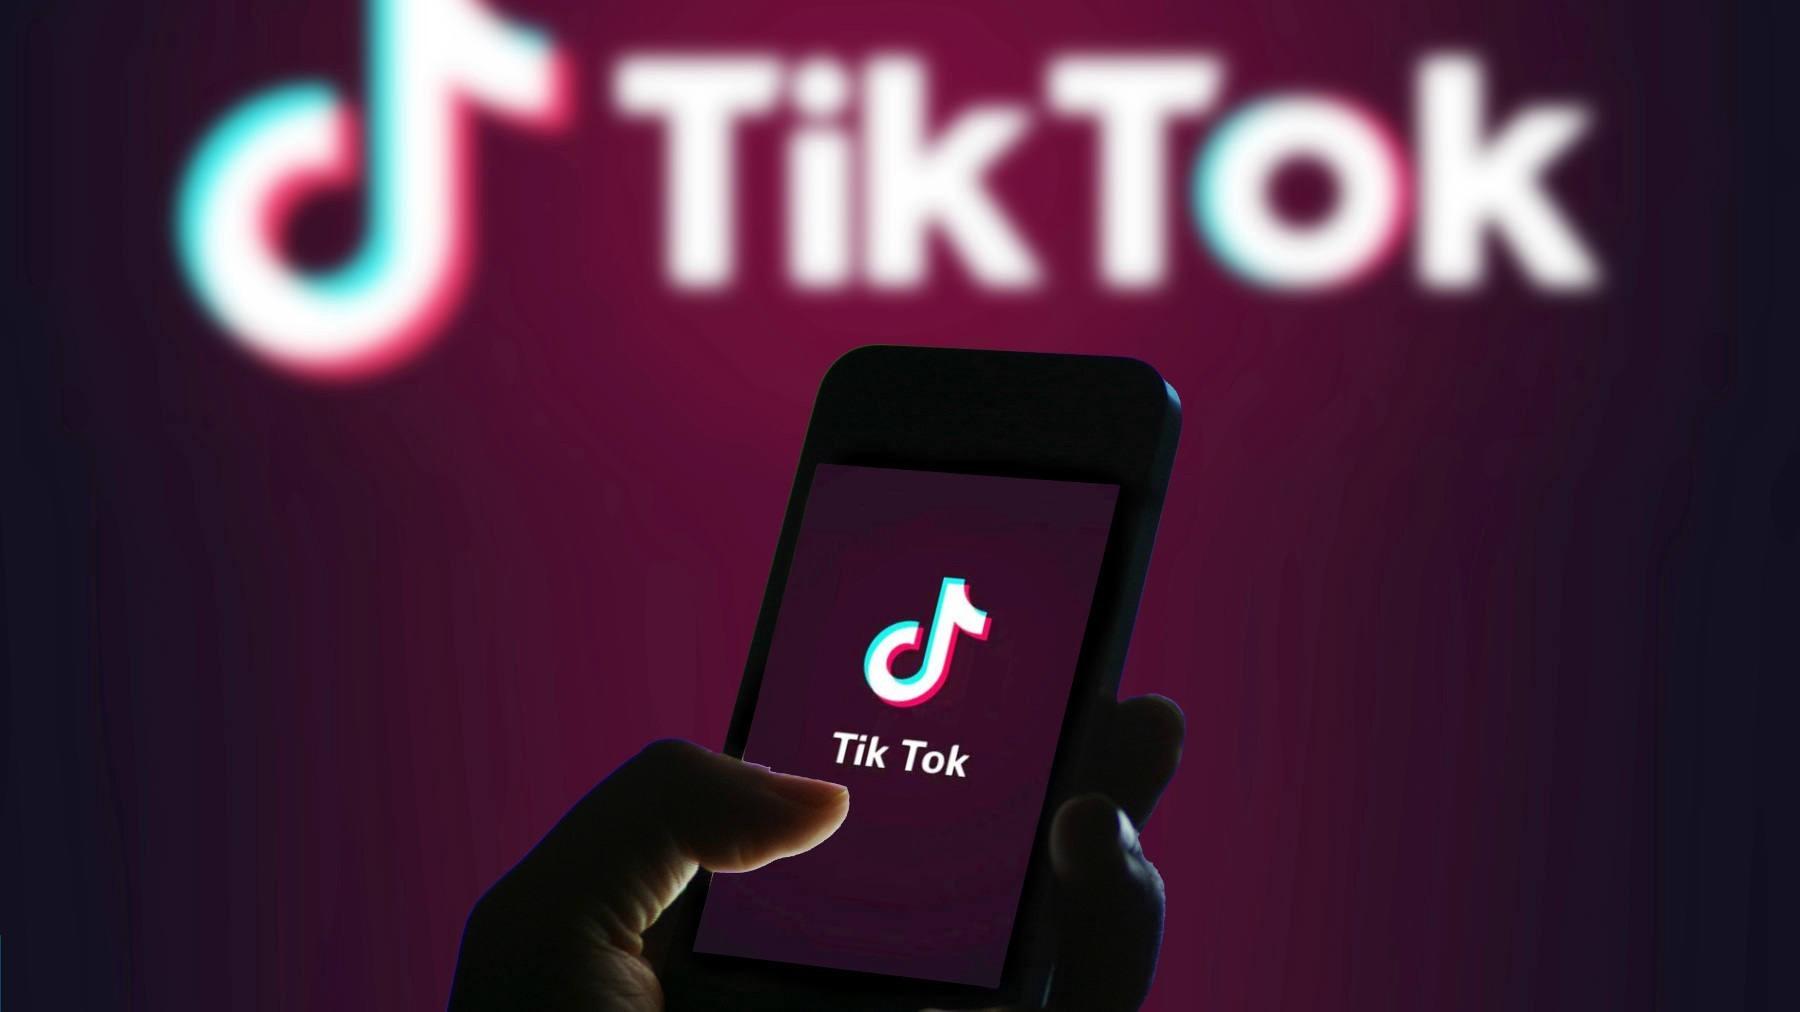 TikTok сделал приватными аккаунты всех пользователей младше 16 лет